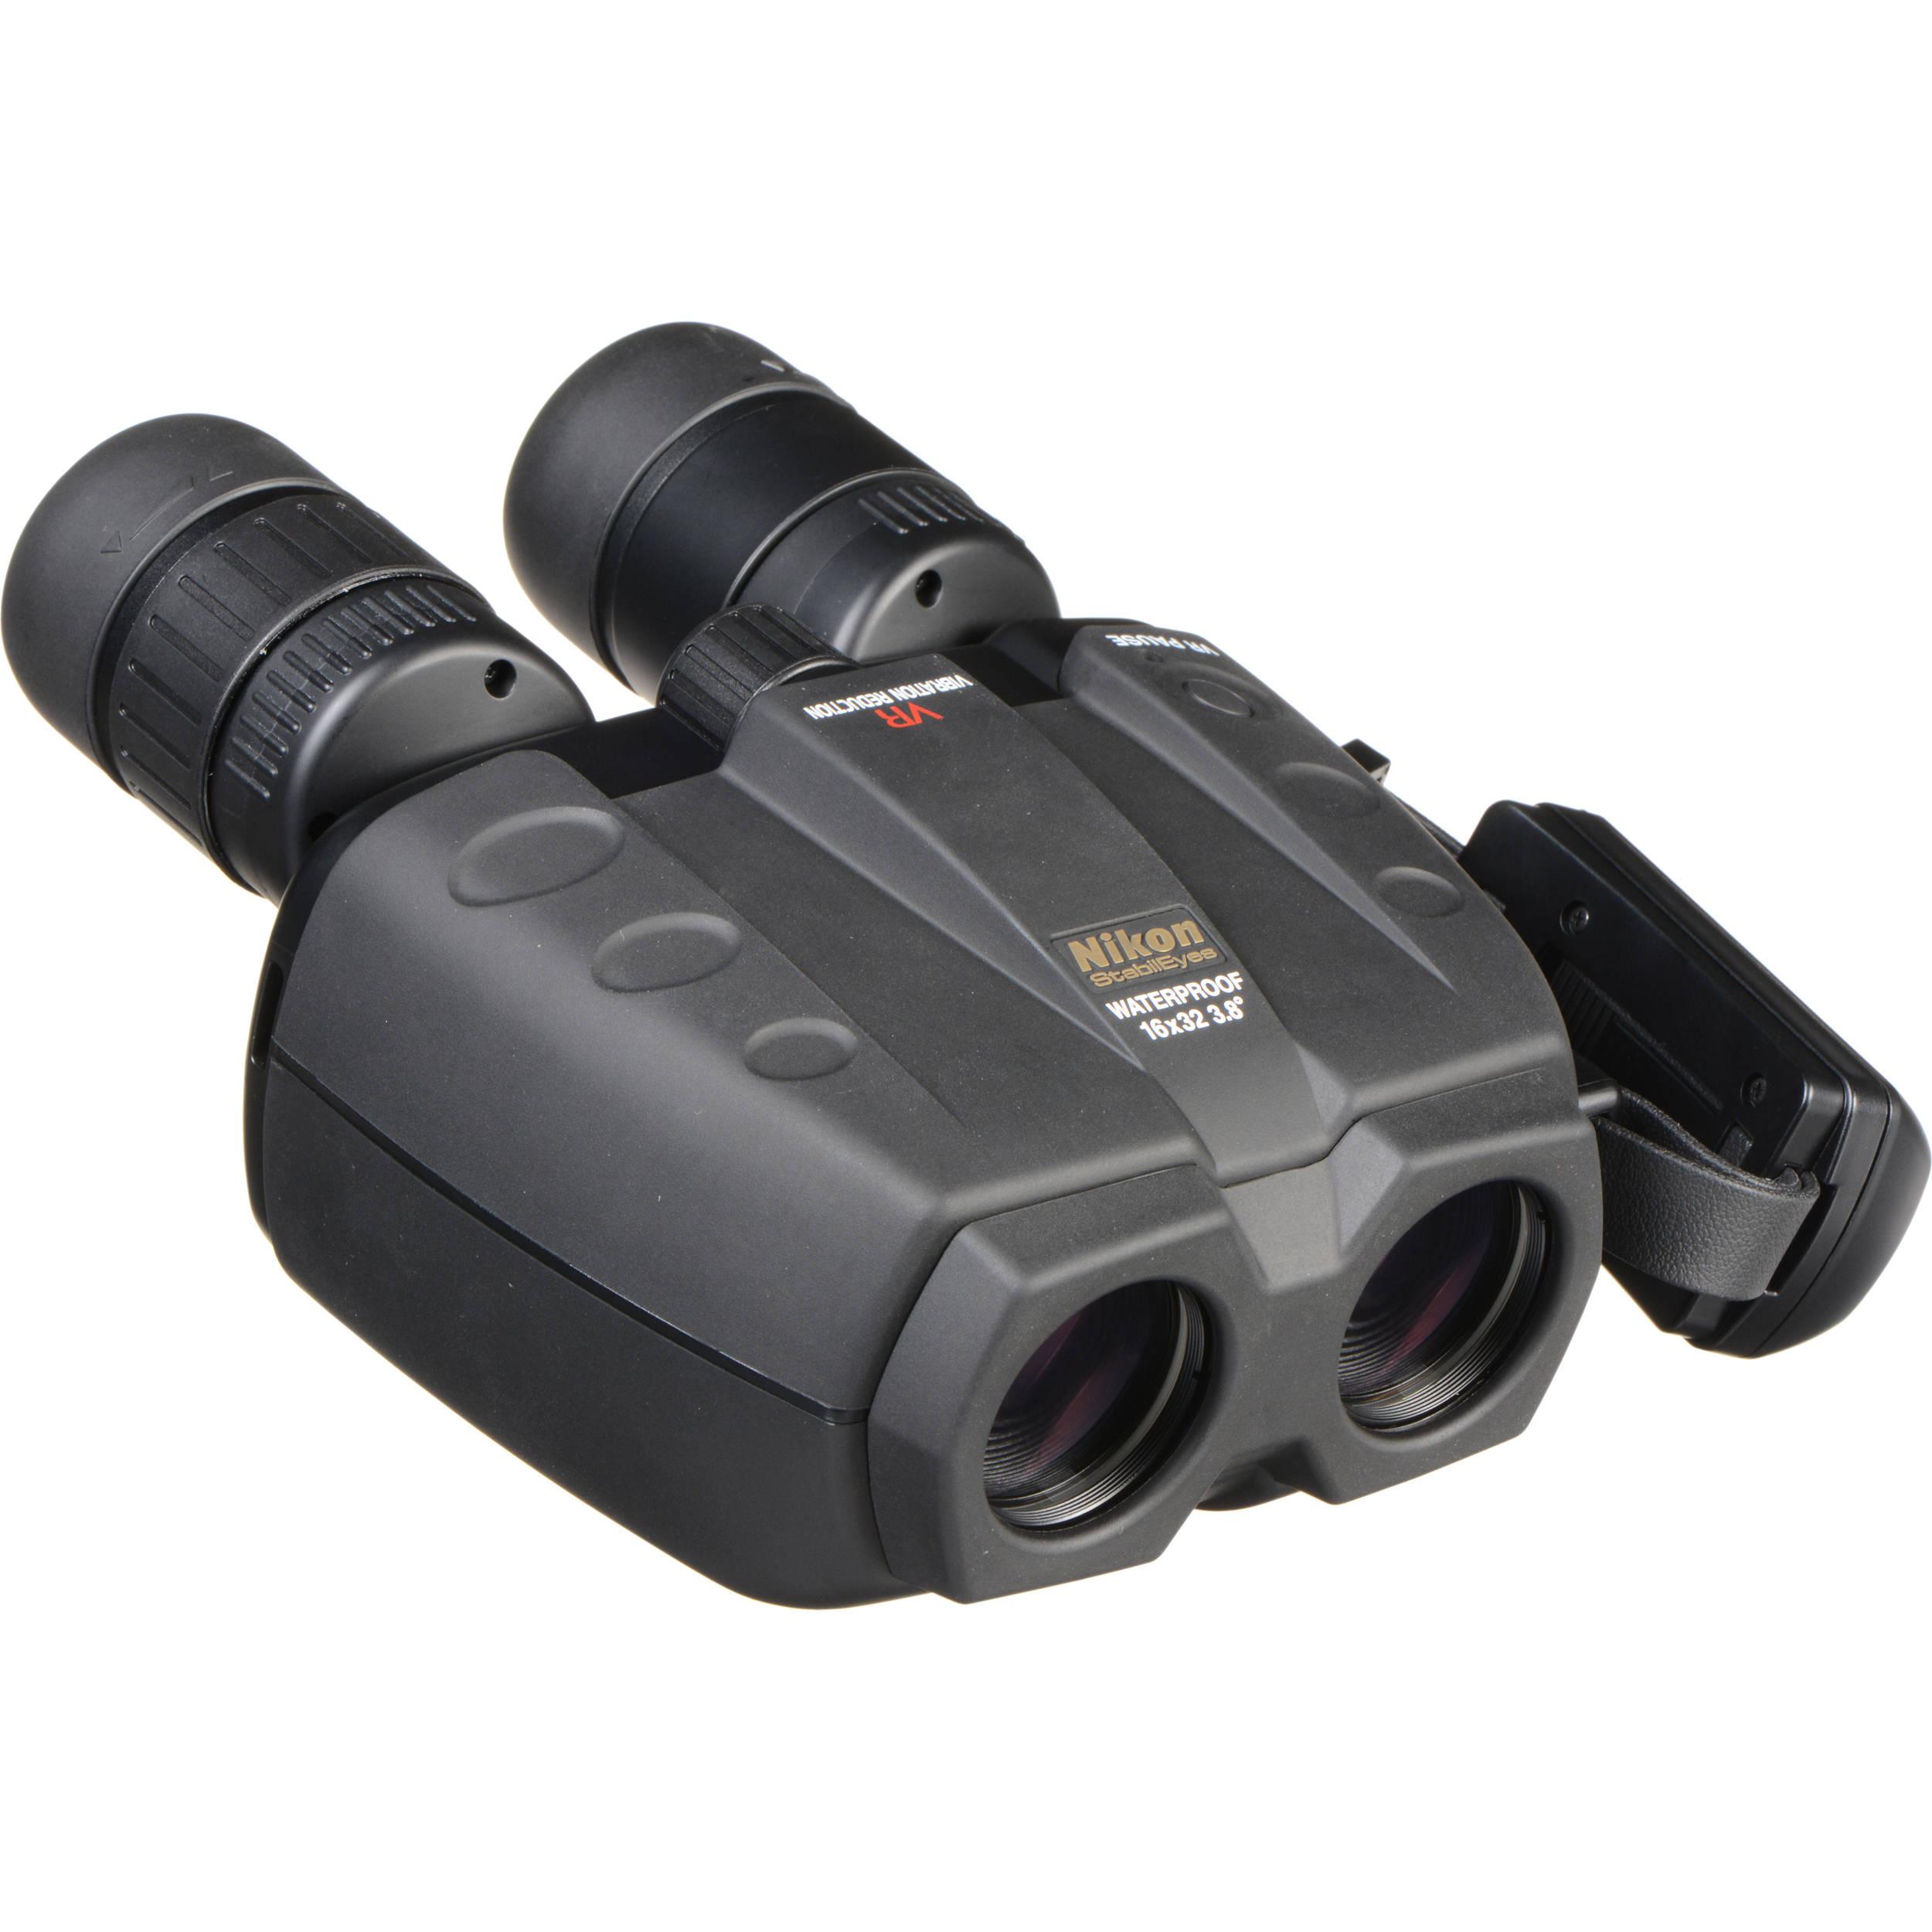 Compare Canon 12x36 Is Ii Image Stabilized Binocular Vs Fujinon